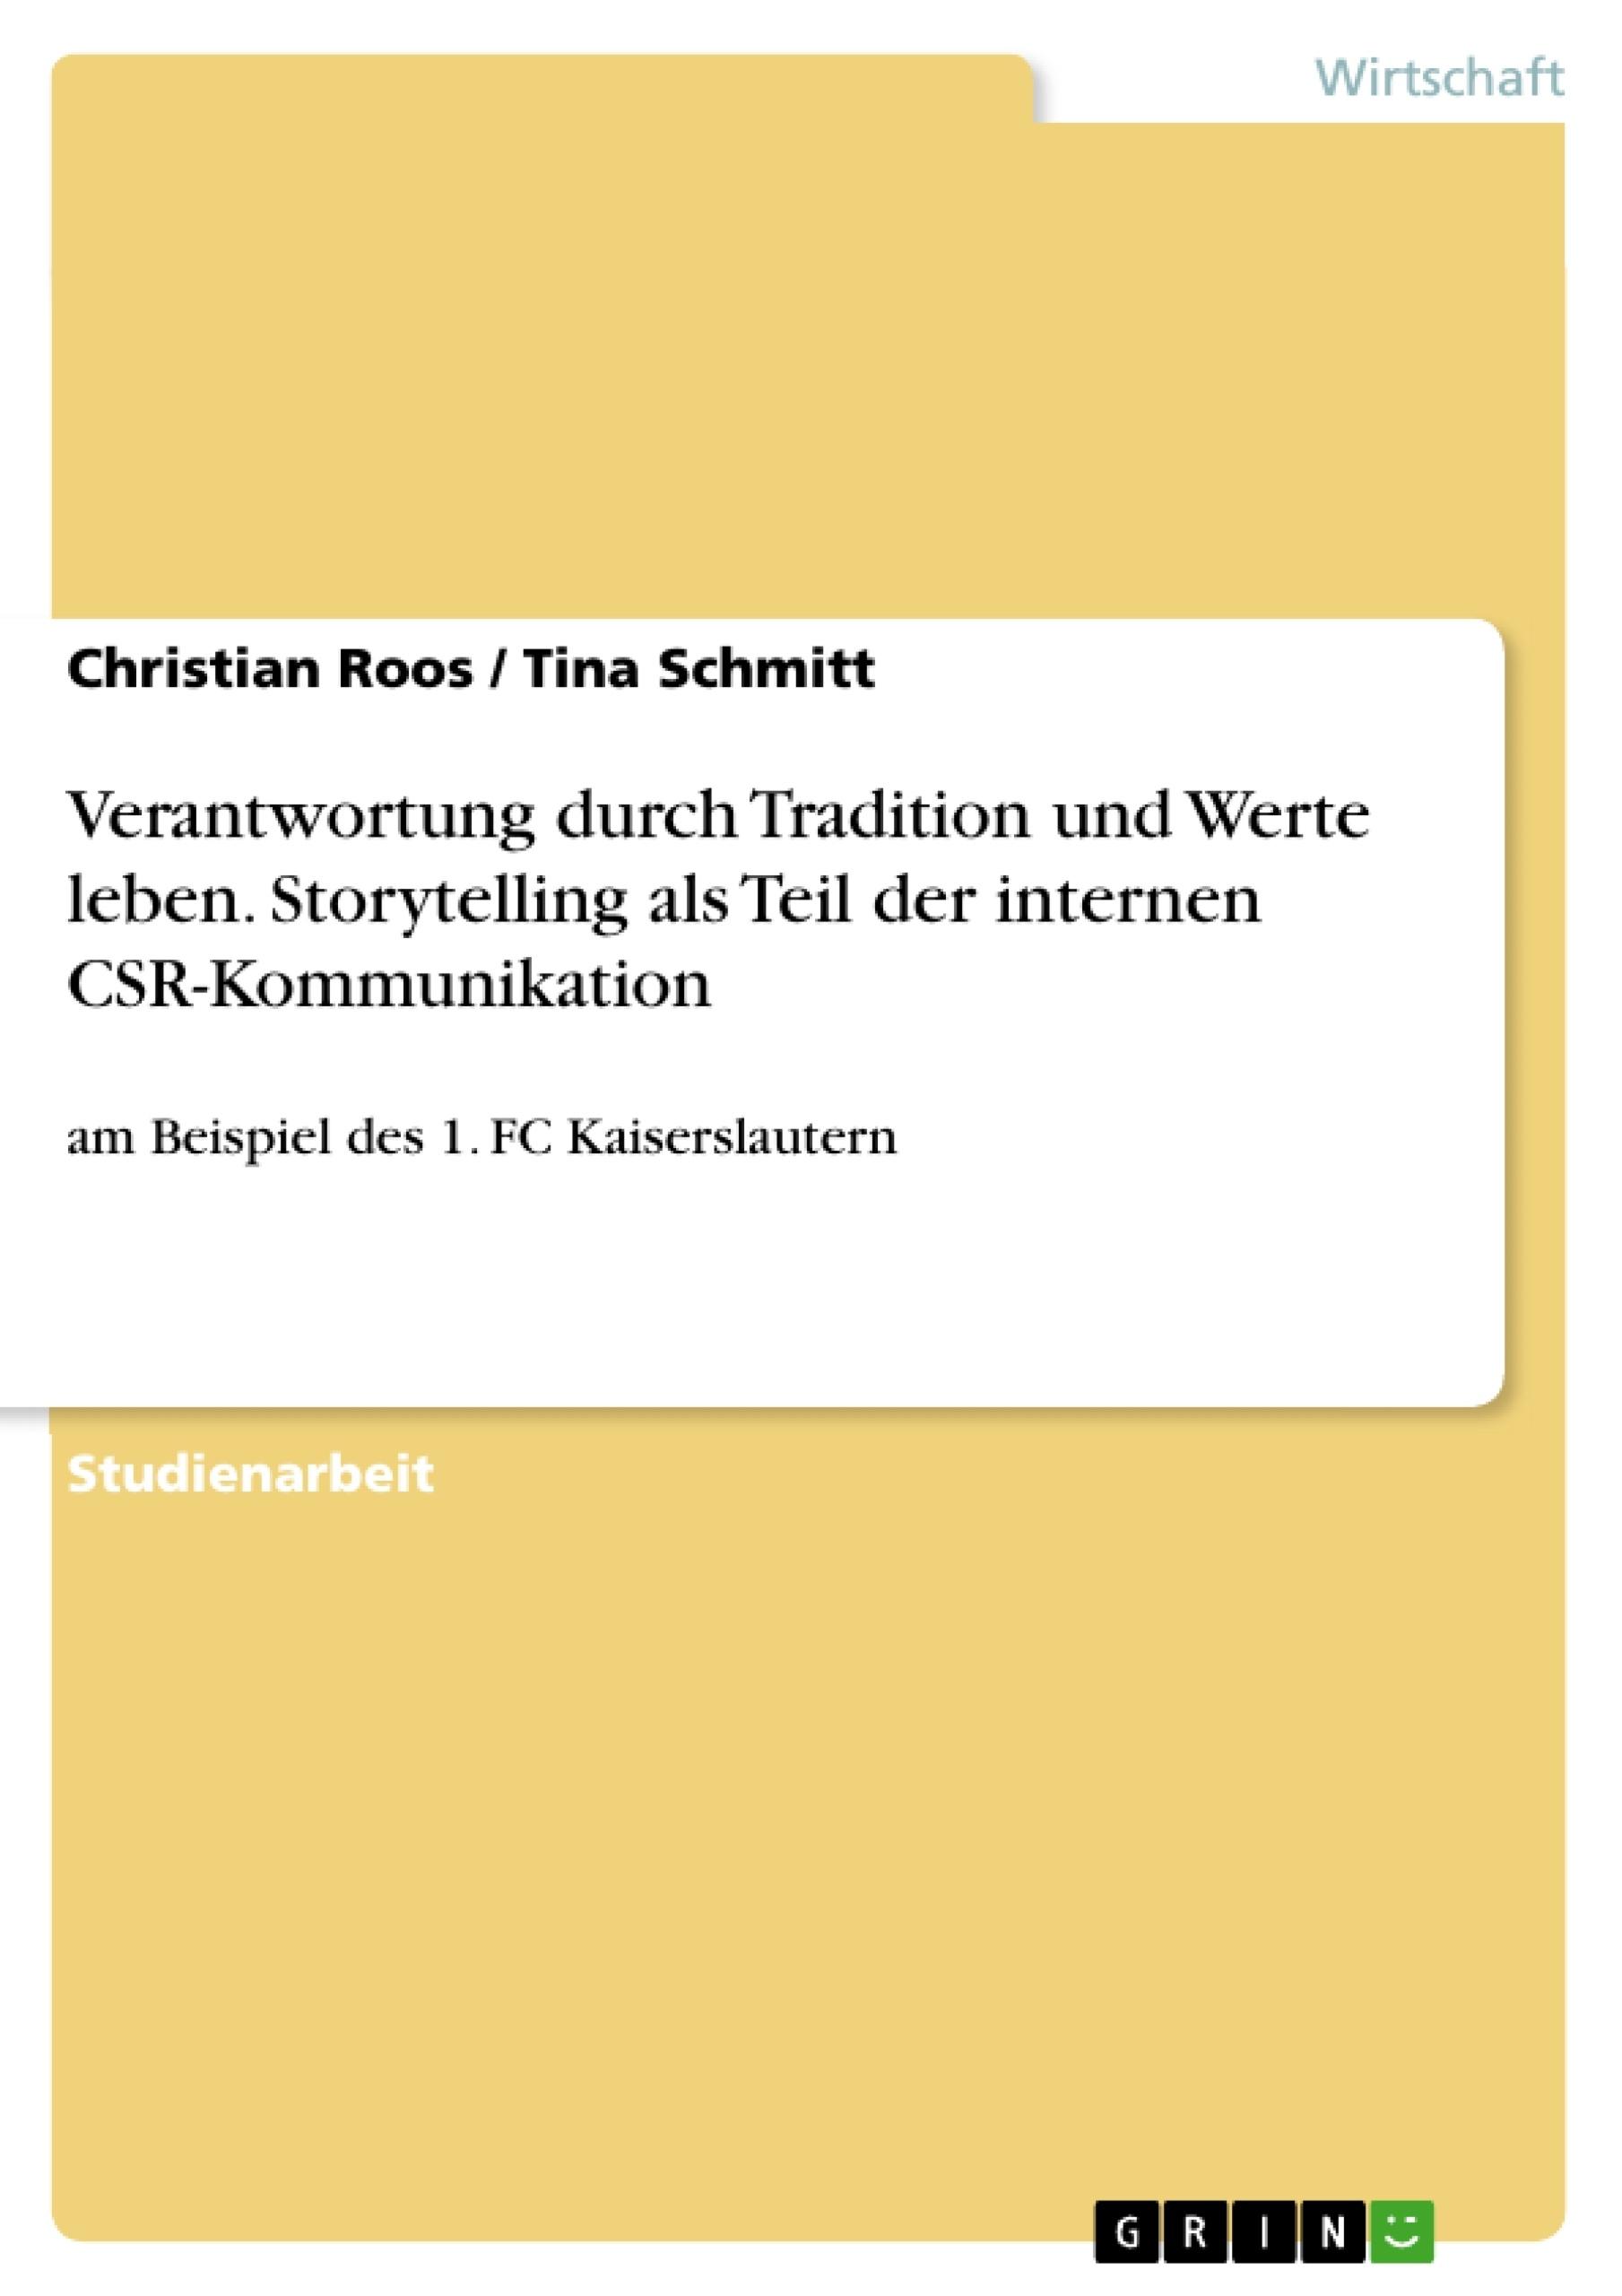 Titel: Verantwortung durch Tradition und Werte leben. Storytelling als Teil der internen CSR-Kommunikation